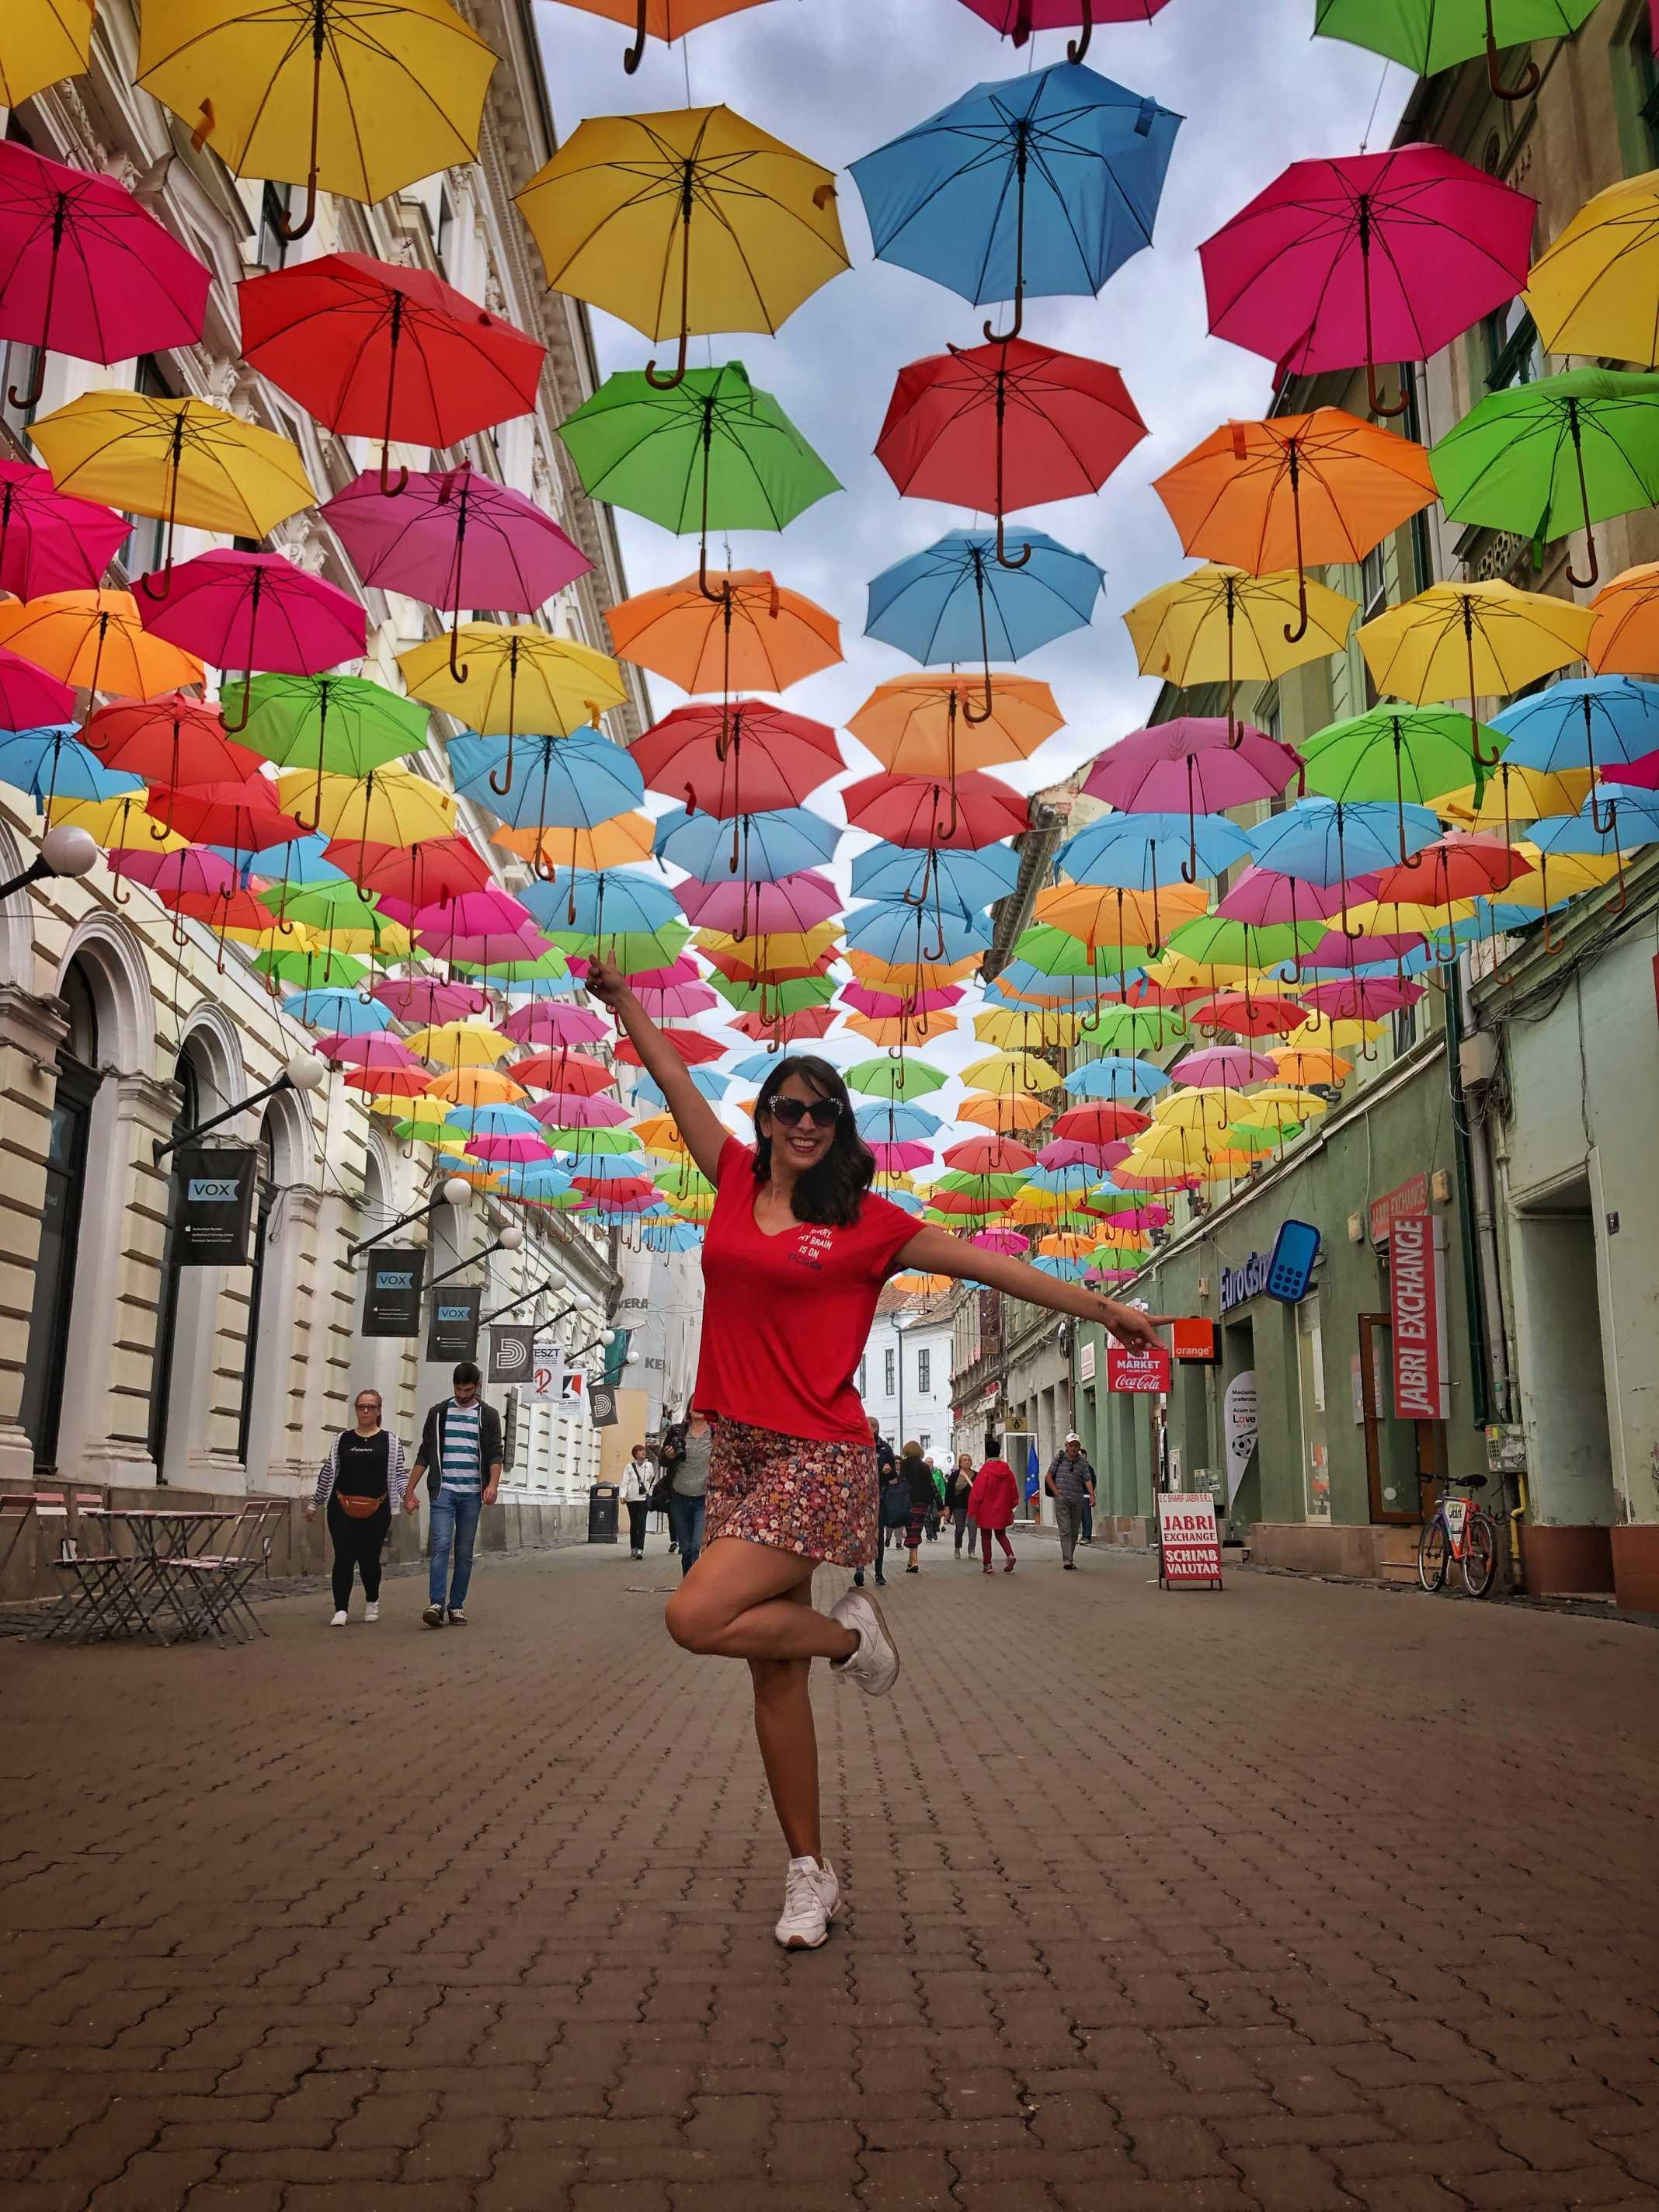 Umbrellas Timisoara Romania